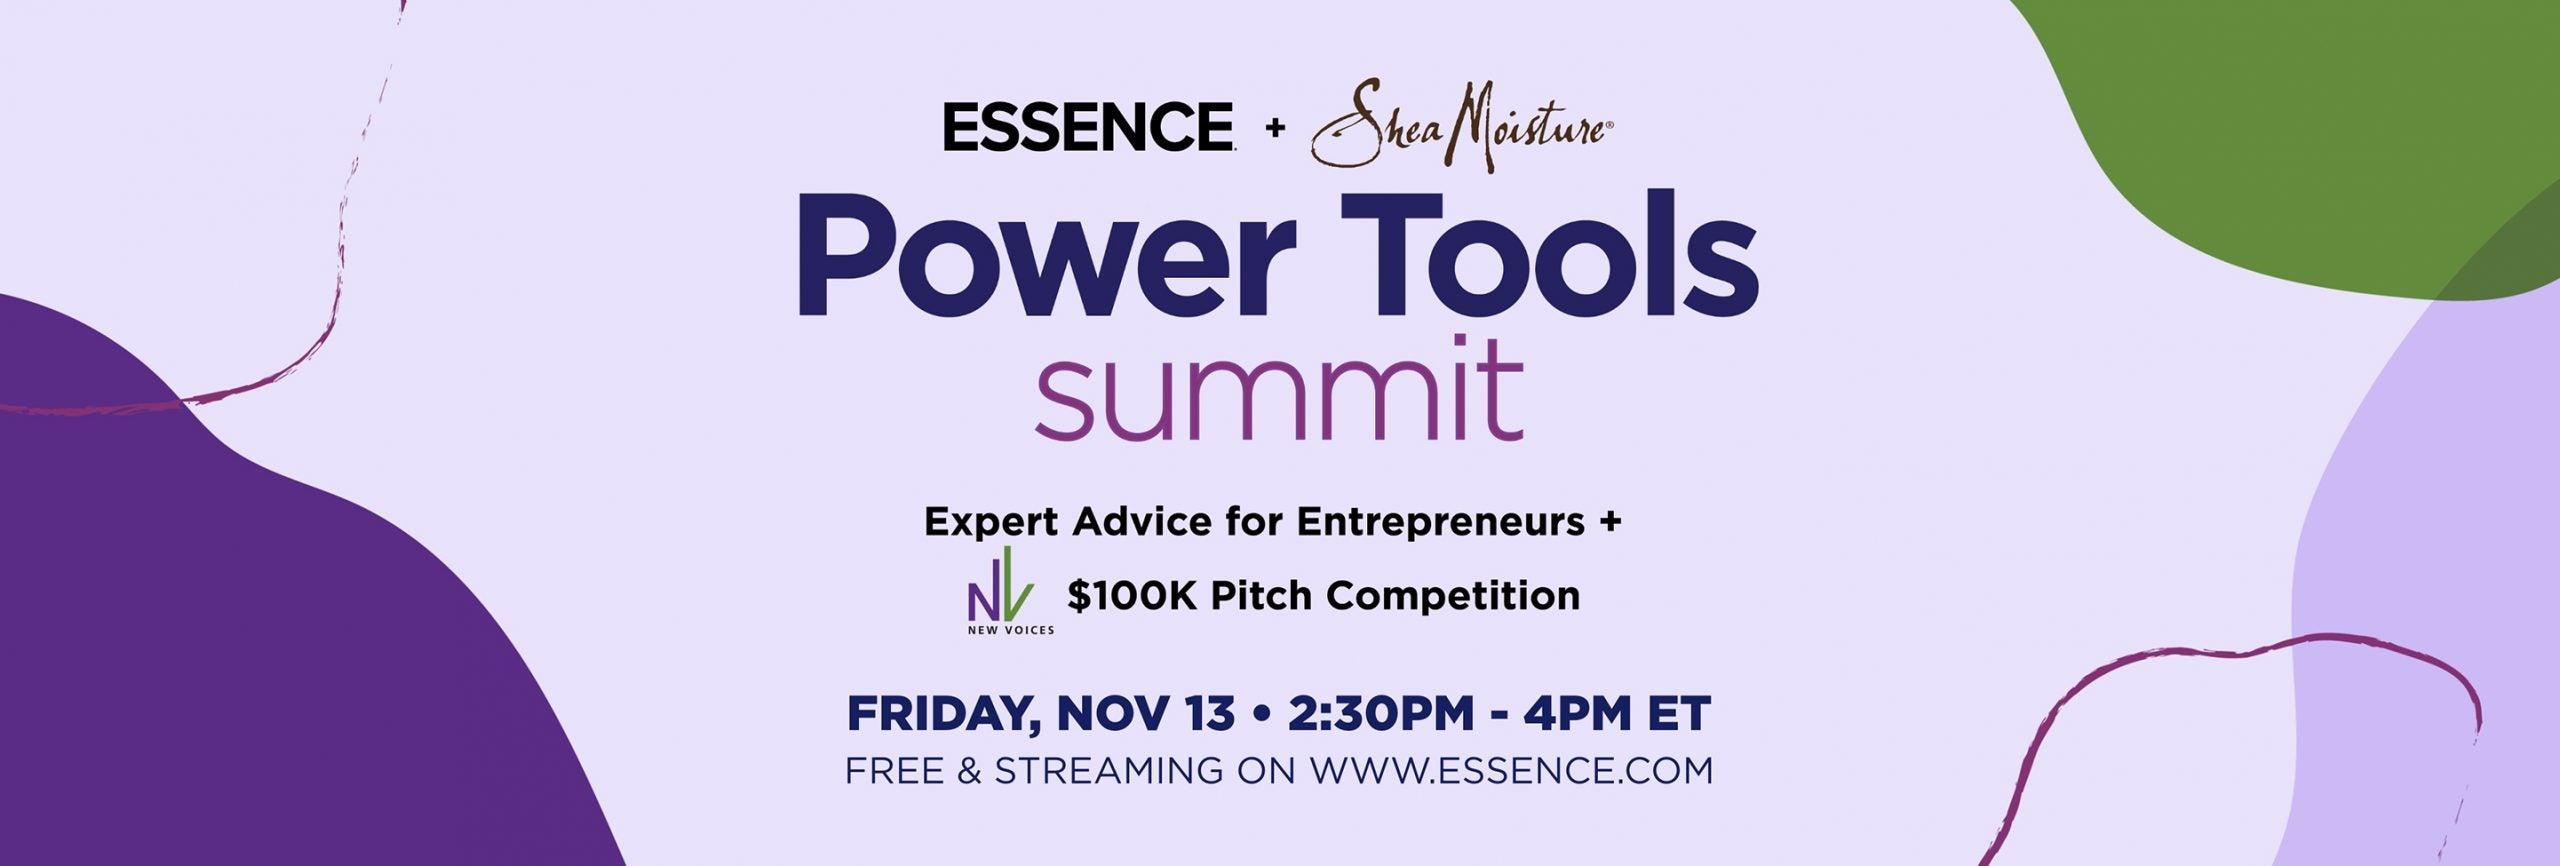 Essence + Shea Moisture Power Tools Summit